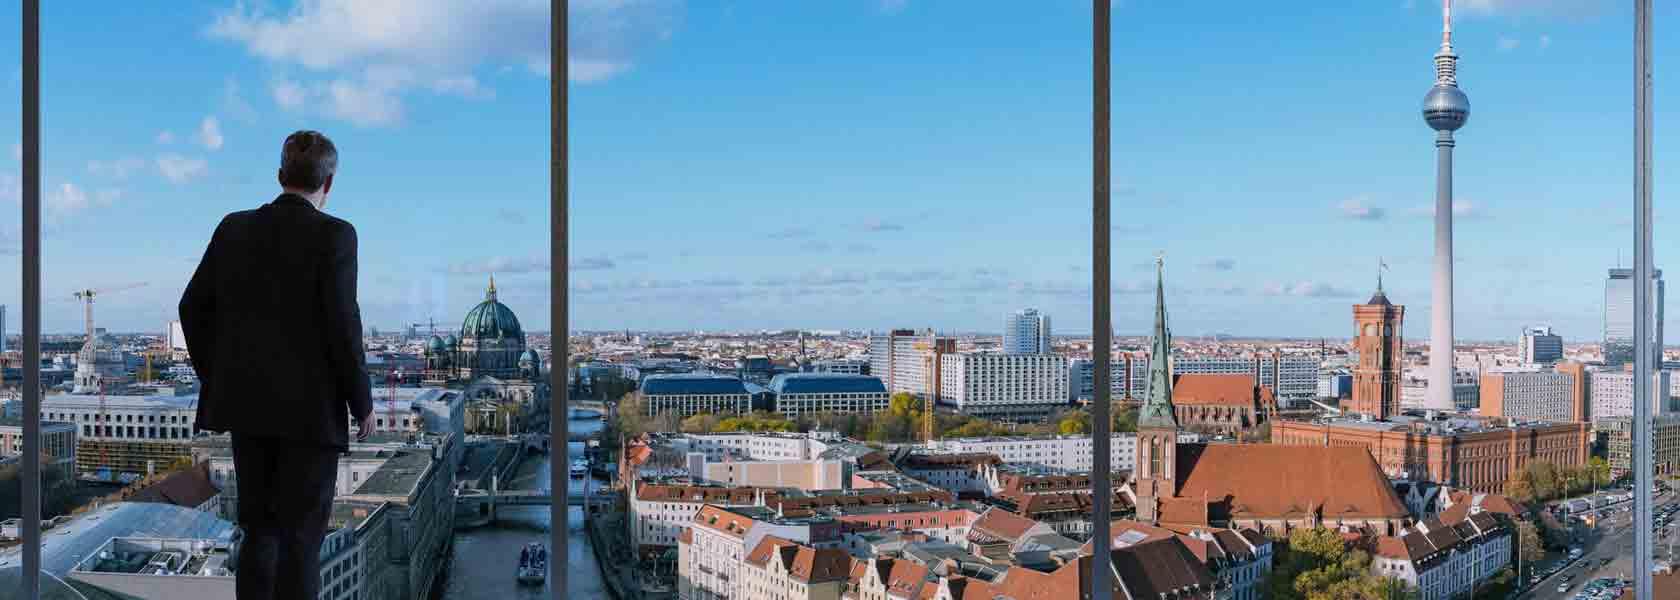 Suchmaschinenoptimierung Berlin